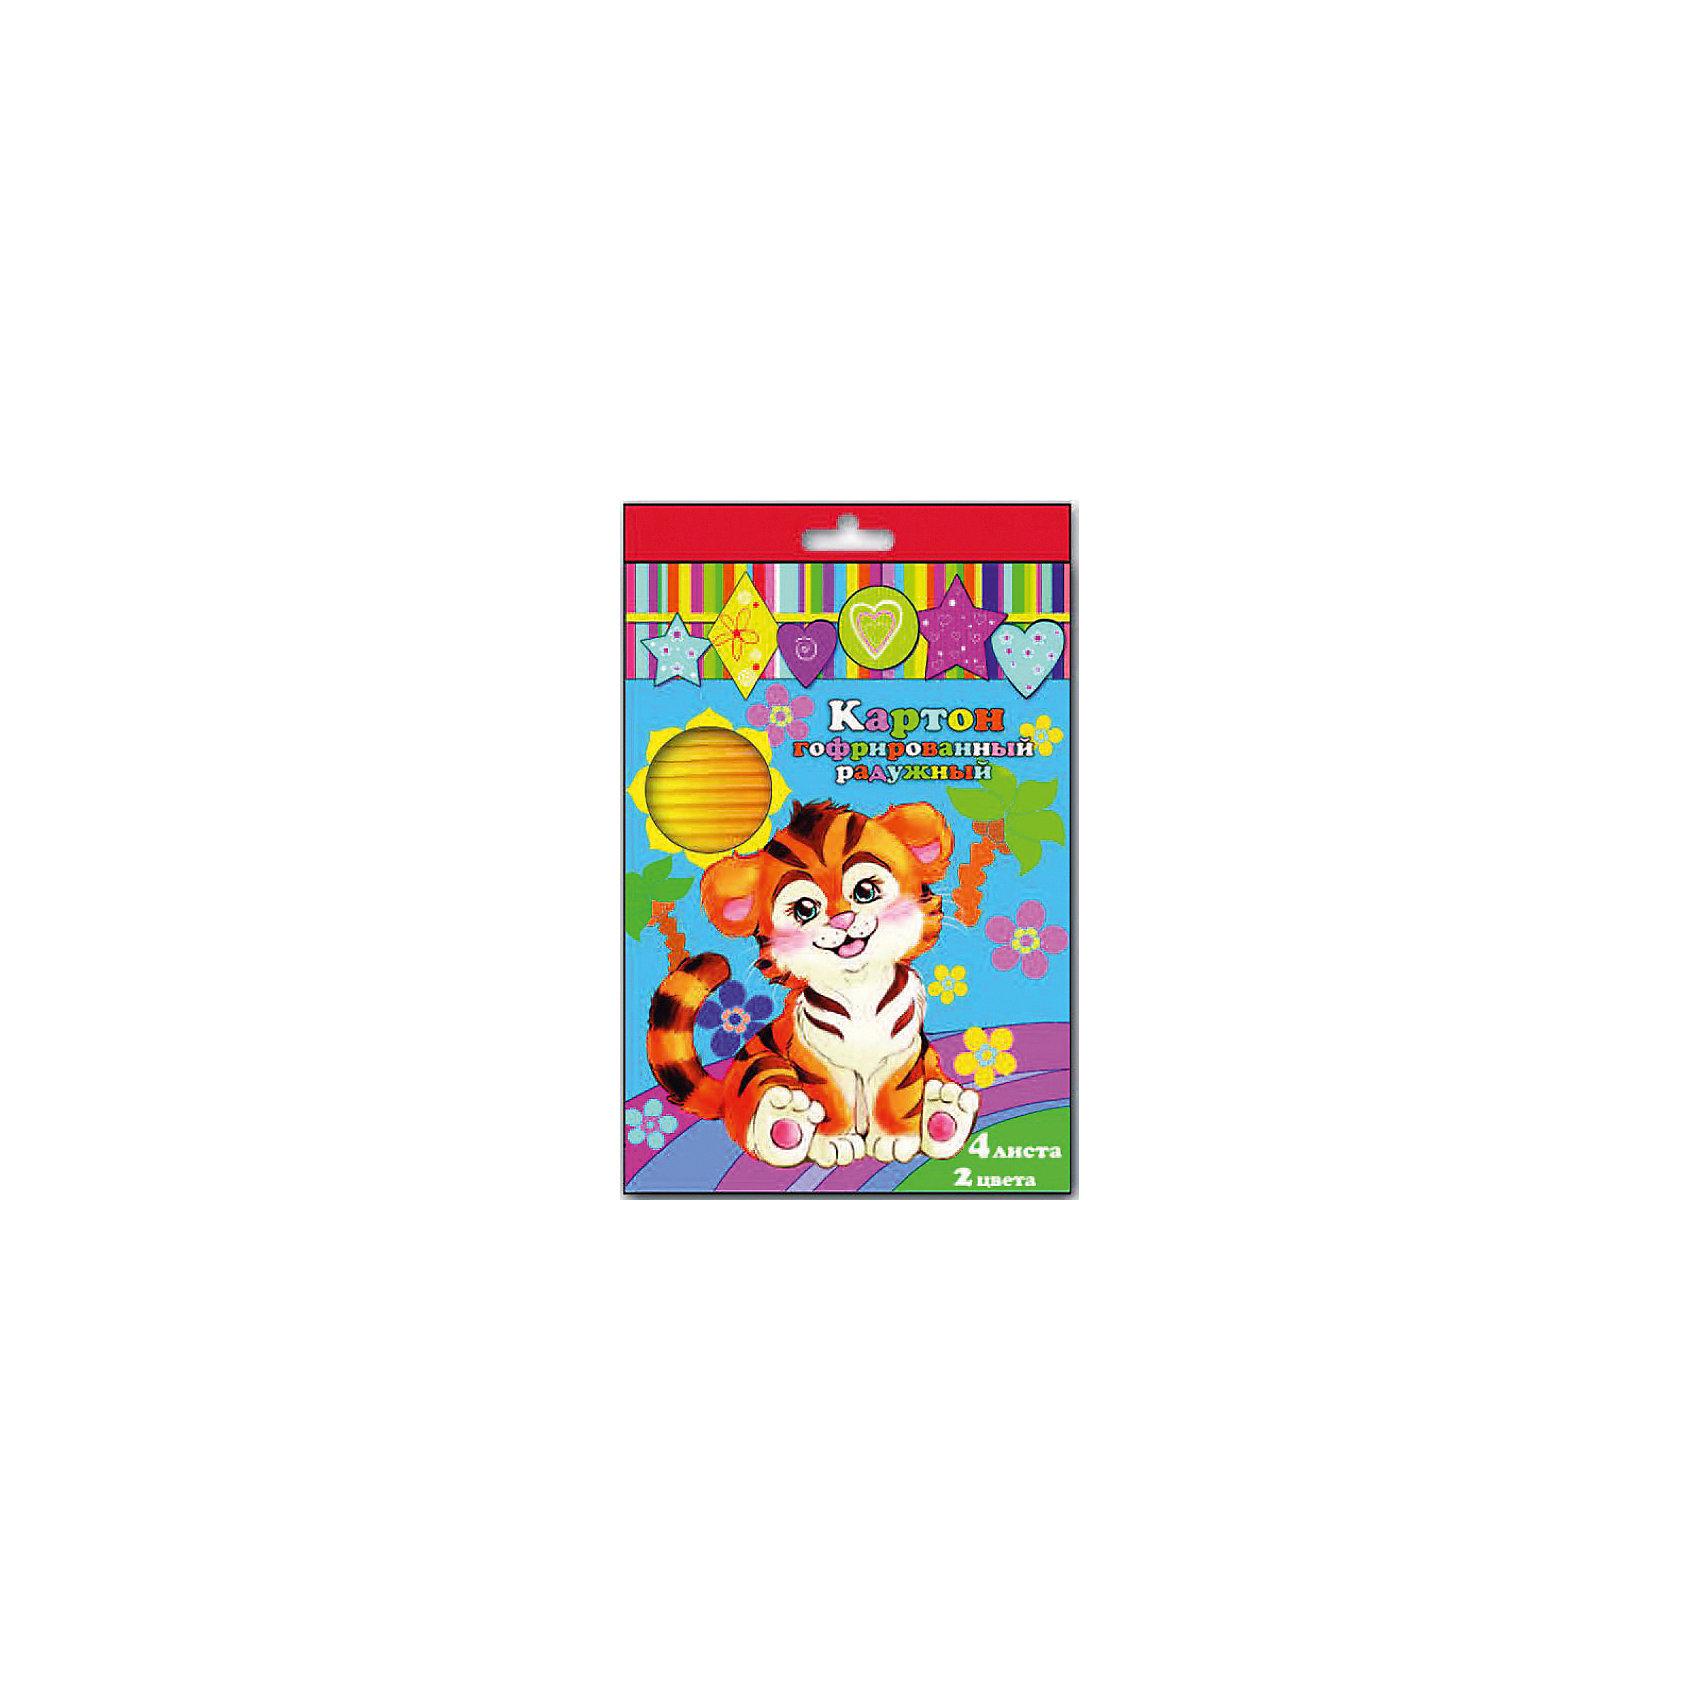 Картон цветной радужный, 4 листаБумажная продукция<br>Это красивый набор цветного гофрированного картона обязательно пригодится Вашему малышу в новом учебном году!<br><br>Дополнительная информация:<br><br>- Возраст: от 3 лет.<br>- 4 листа.<br>- 2 цвета.<br>- Размеры: 21х29,7 см.<br>- Материал: картон.<br>- Размер упаковки: 33х22х,01 см.<br>- Вес в упаковке: 70 г.<br><br>Купить картон цветной радужный, можно в нашем магазине.<br><br>Ширина мм: 300<br>Глубина мм: 220<br>Высота мм: 1<br>Вес г: 70<br>Возраст от месяцев: 36<br>Возраст до месяцев: 2147483647<br>Пол: Унисекс<br>Возраст: Детский<br>SKU: 4943478